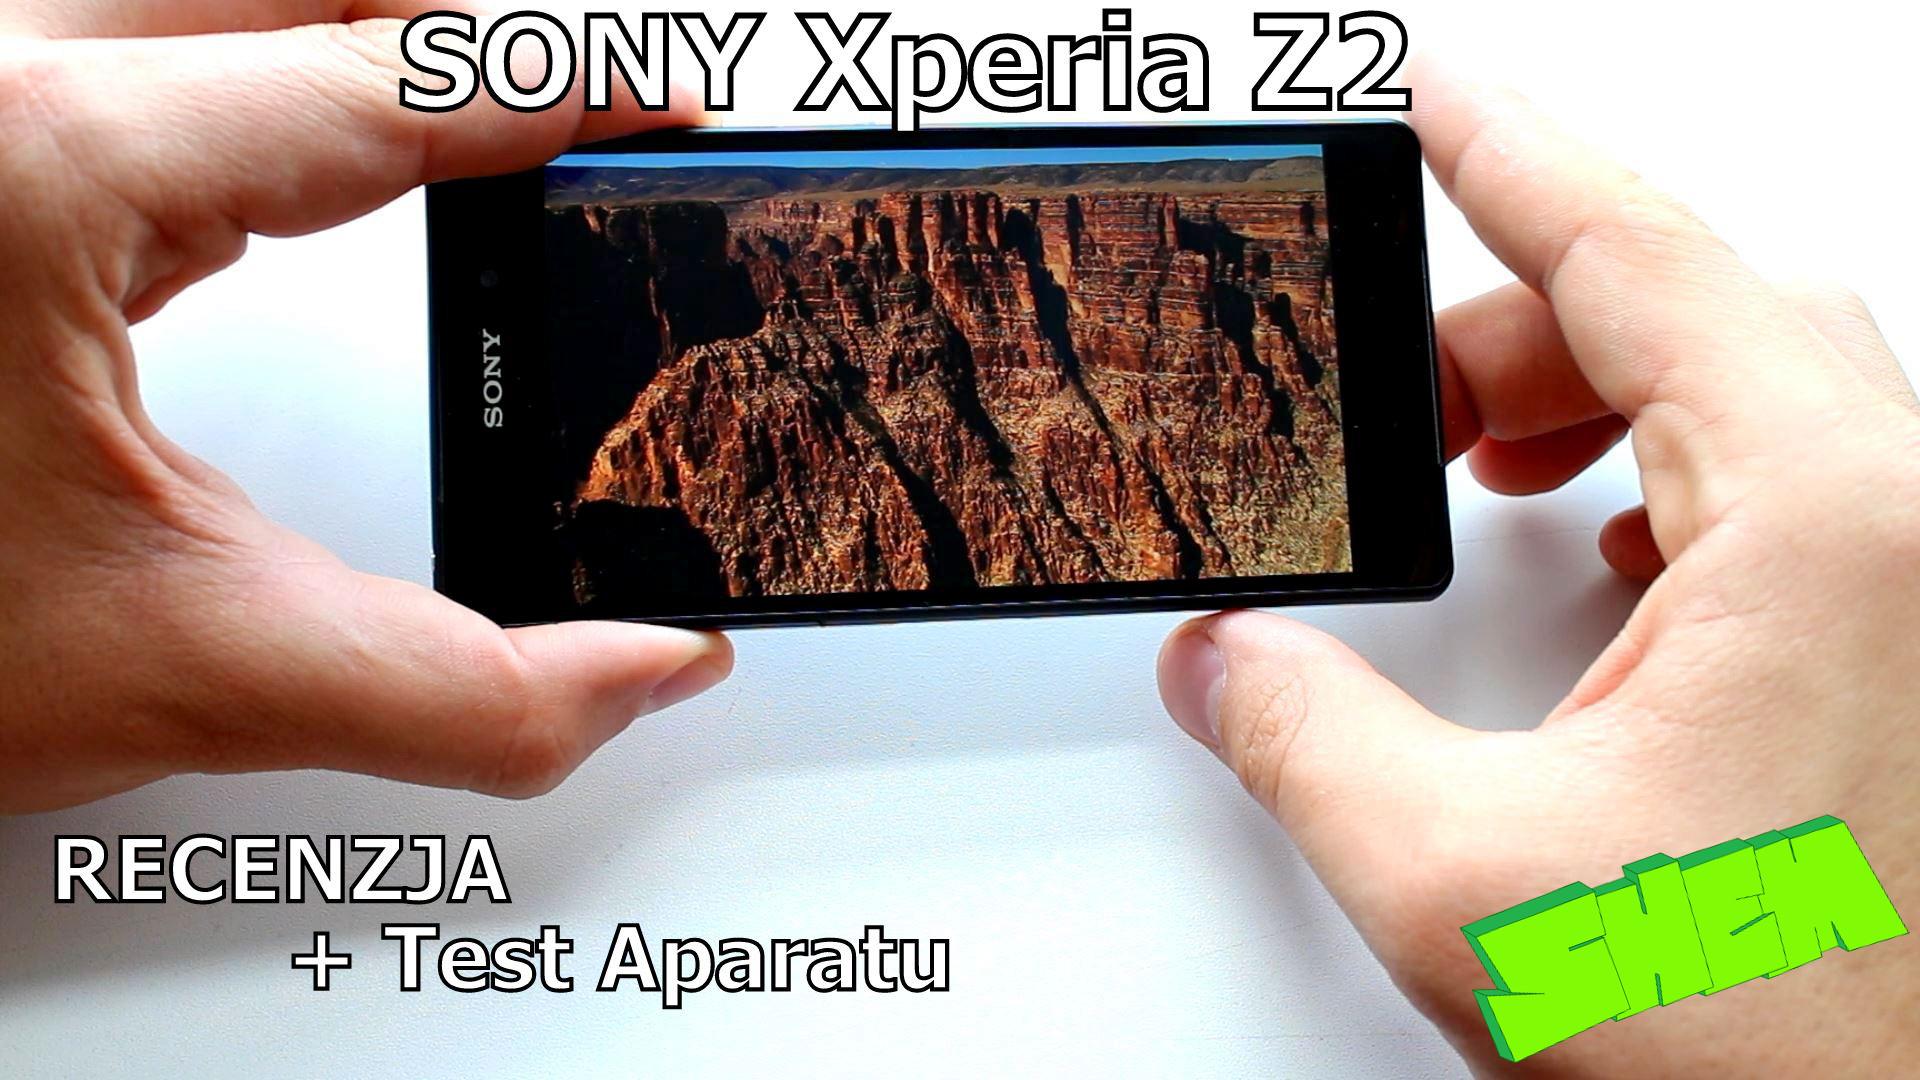 Czy Sony Xperia Z2 jest najlepszym smartfonem na rynku? – Recenzja wideo